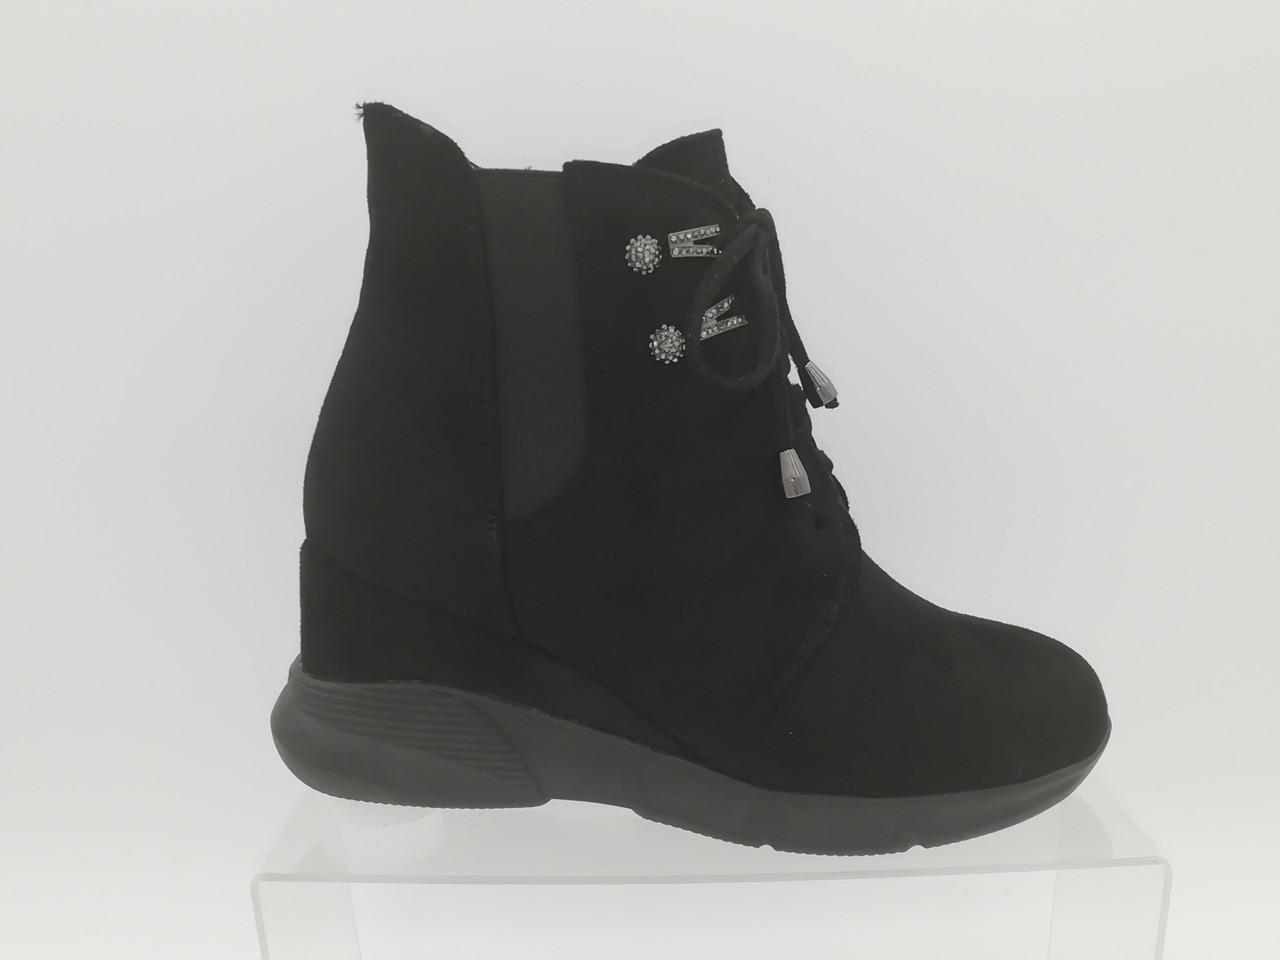 Черные замшевые ботинки на скрытой танкетке со шнурками. Ботильоны. Маленькие размеры (33 - 35).